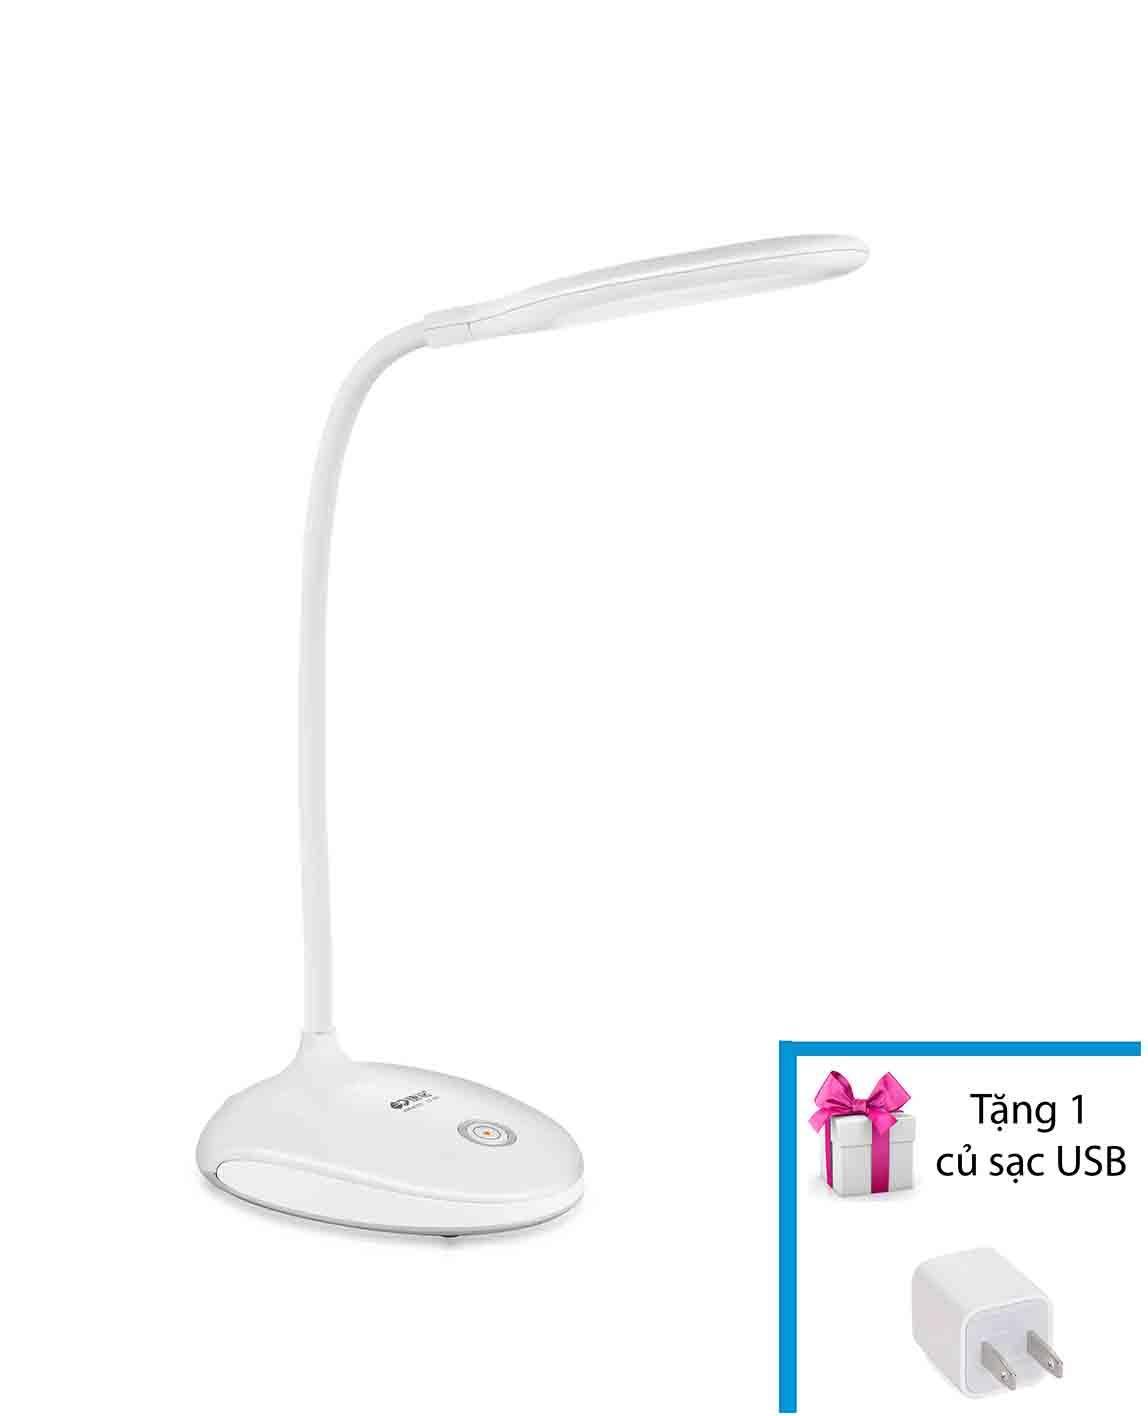 Đèn LED để bàn học tập, làm việc siêu sáng tích điện MDtek KM-6701 + Tặng 1 củ sạc USB